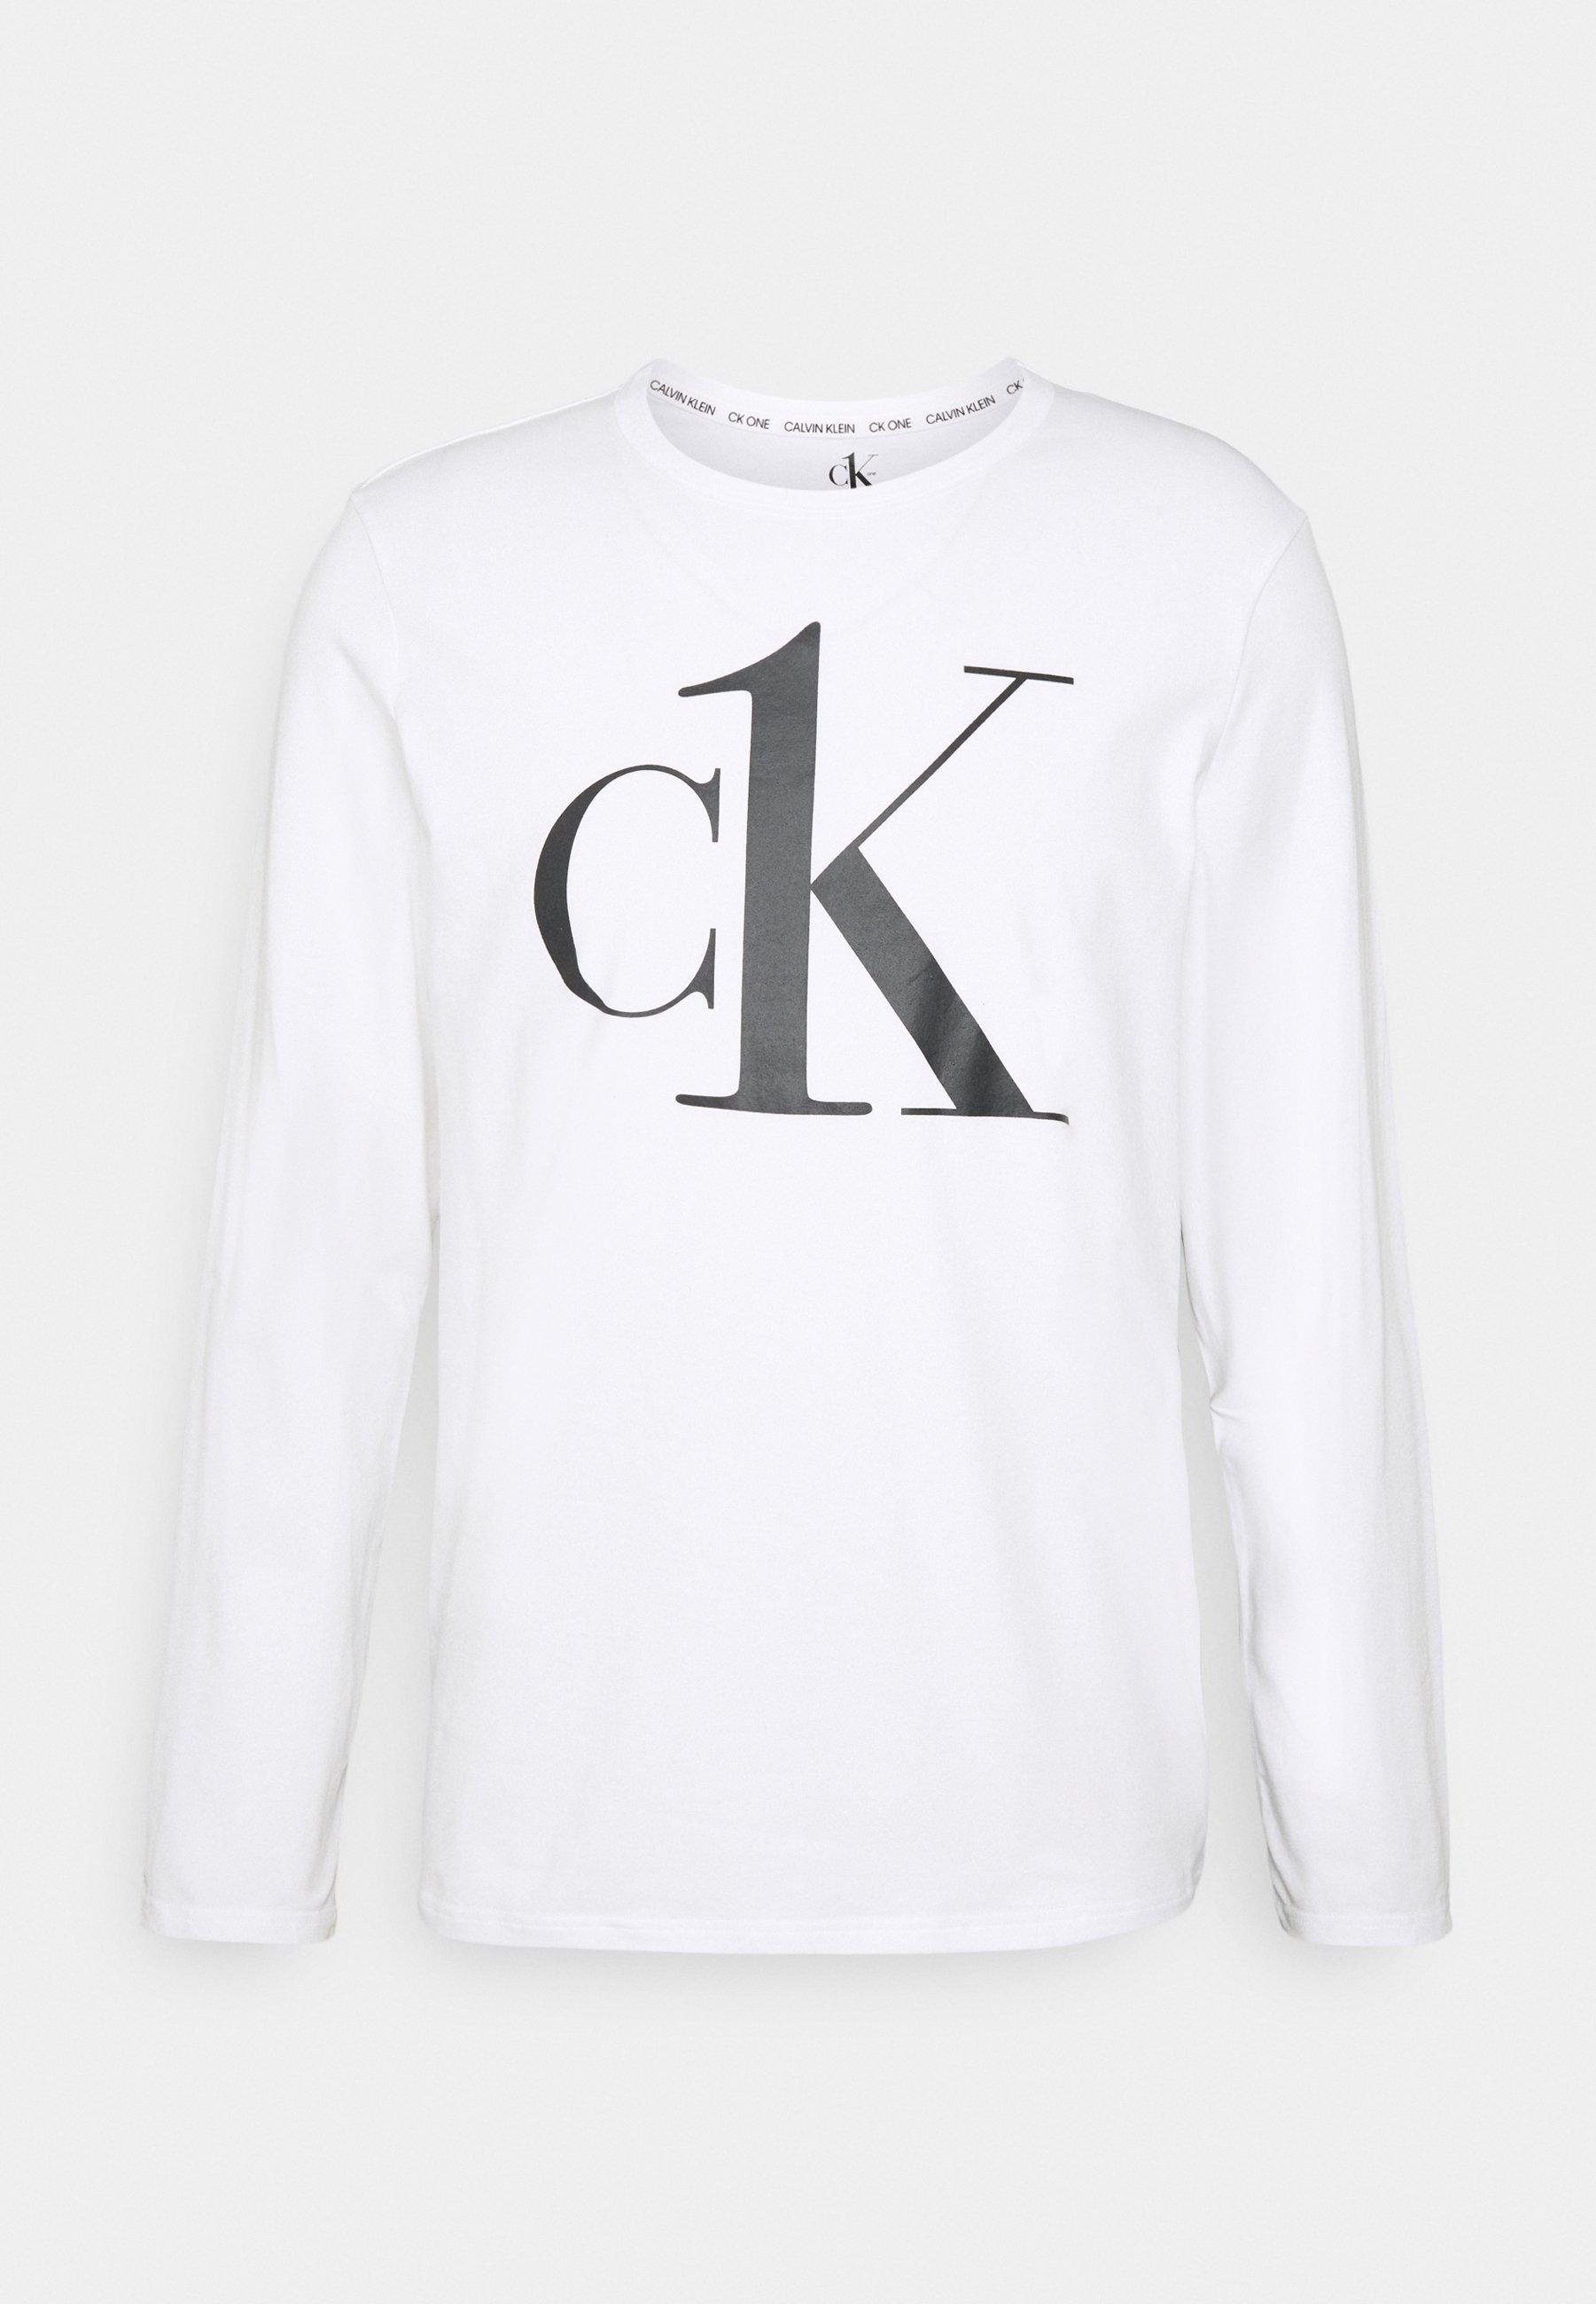 Herren CREW NECK - Nachtwäsche Shirt